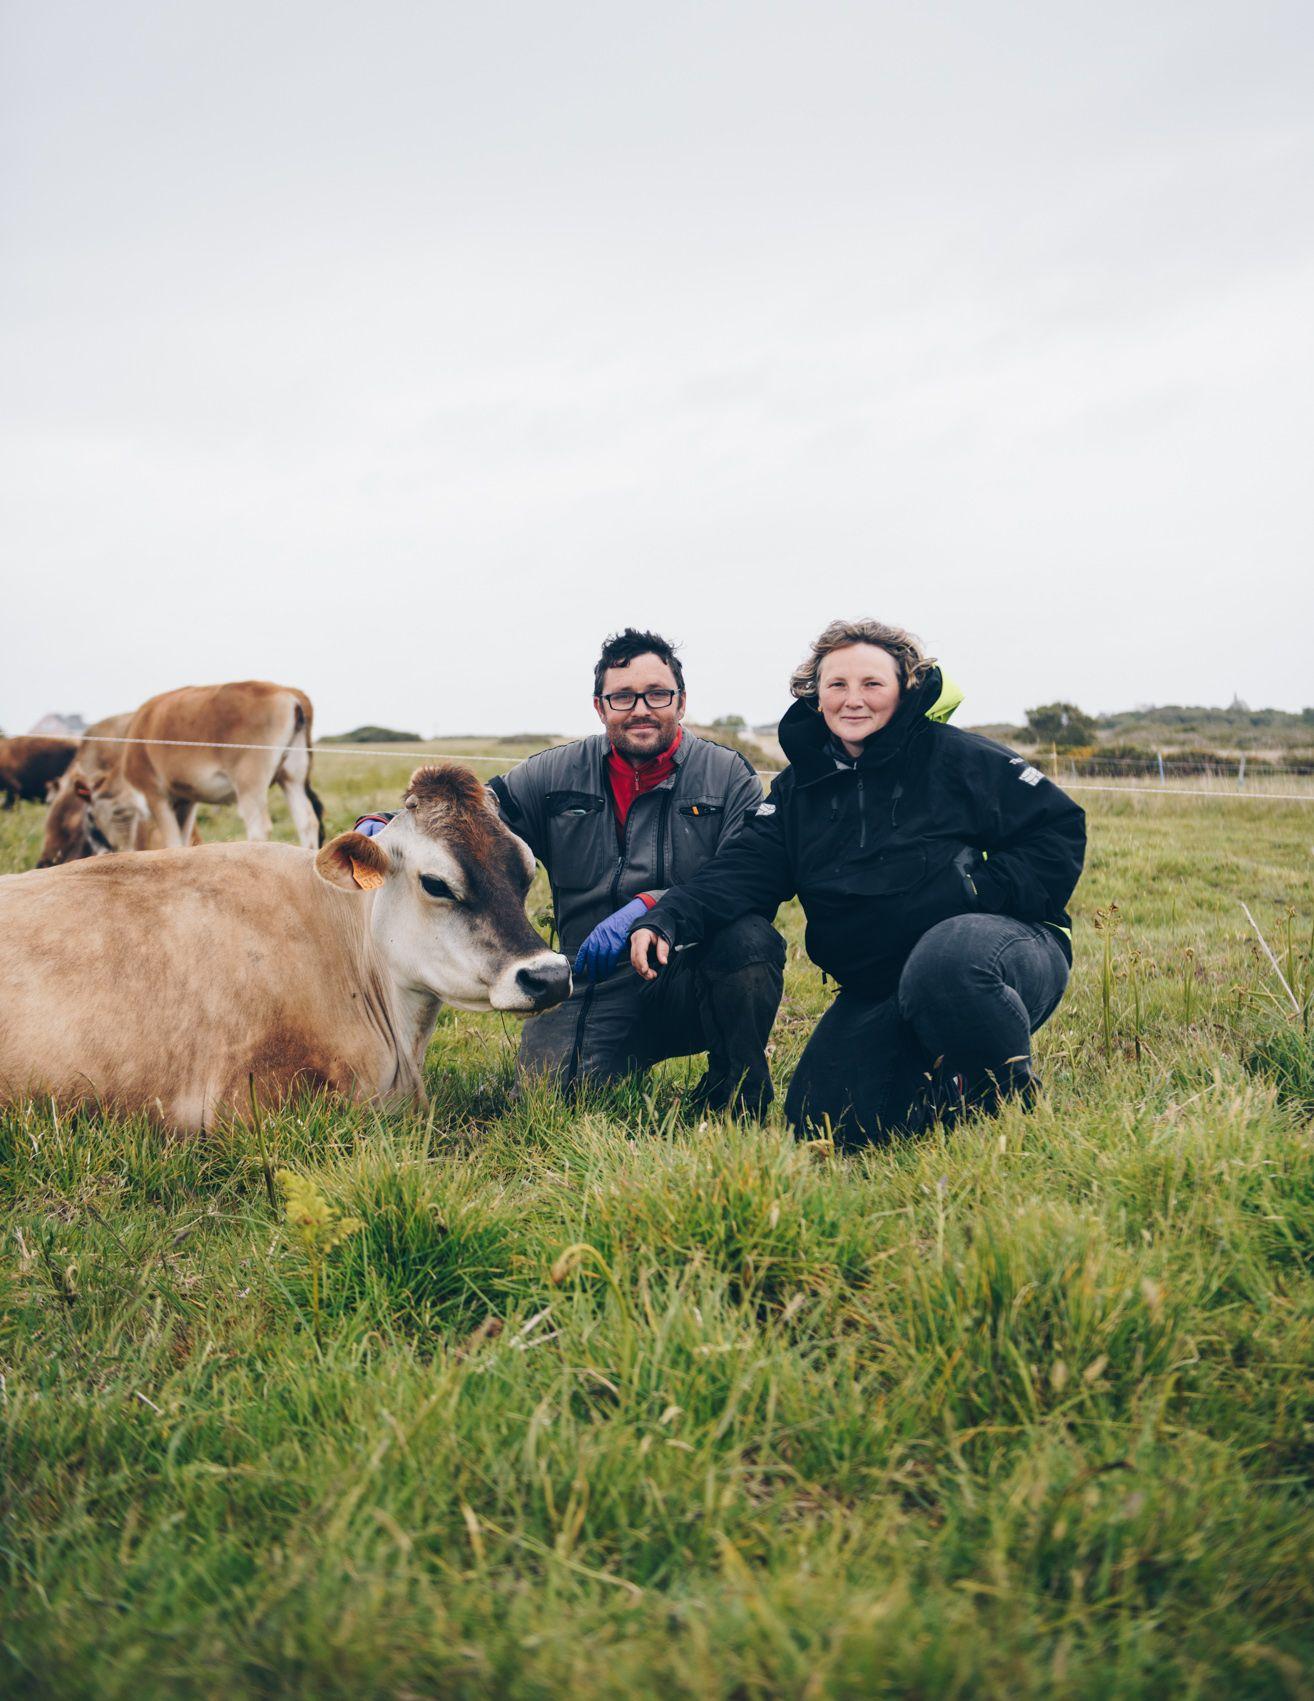 le retour de l'agriculture à Ouessant